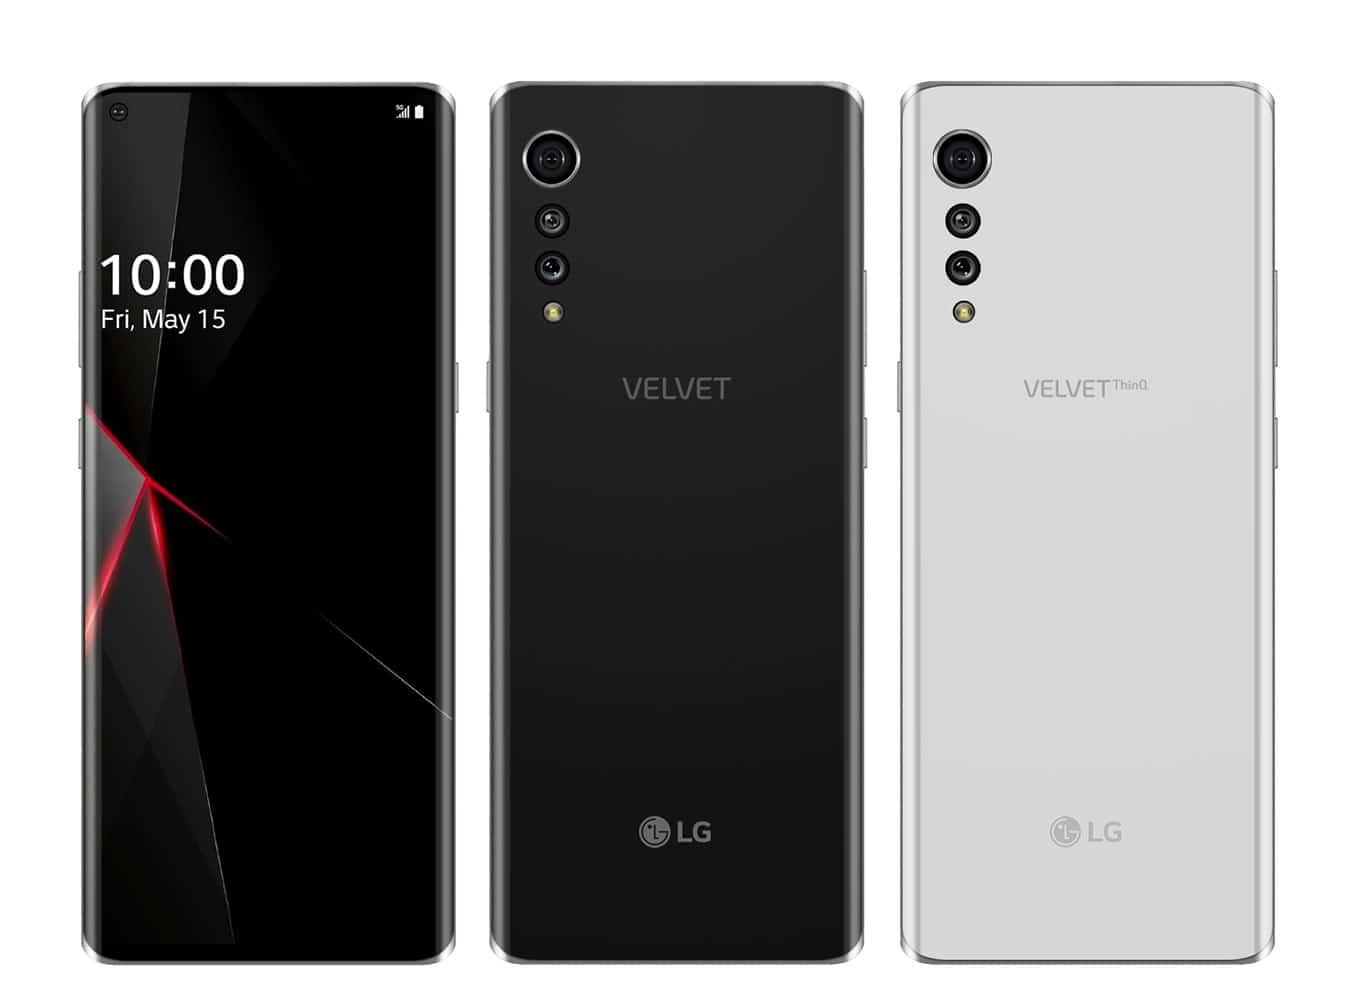 LG Velvet concept image 3